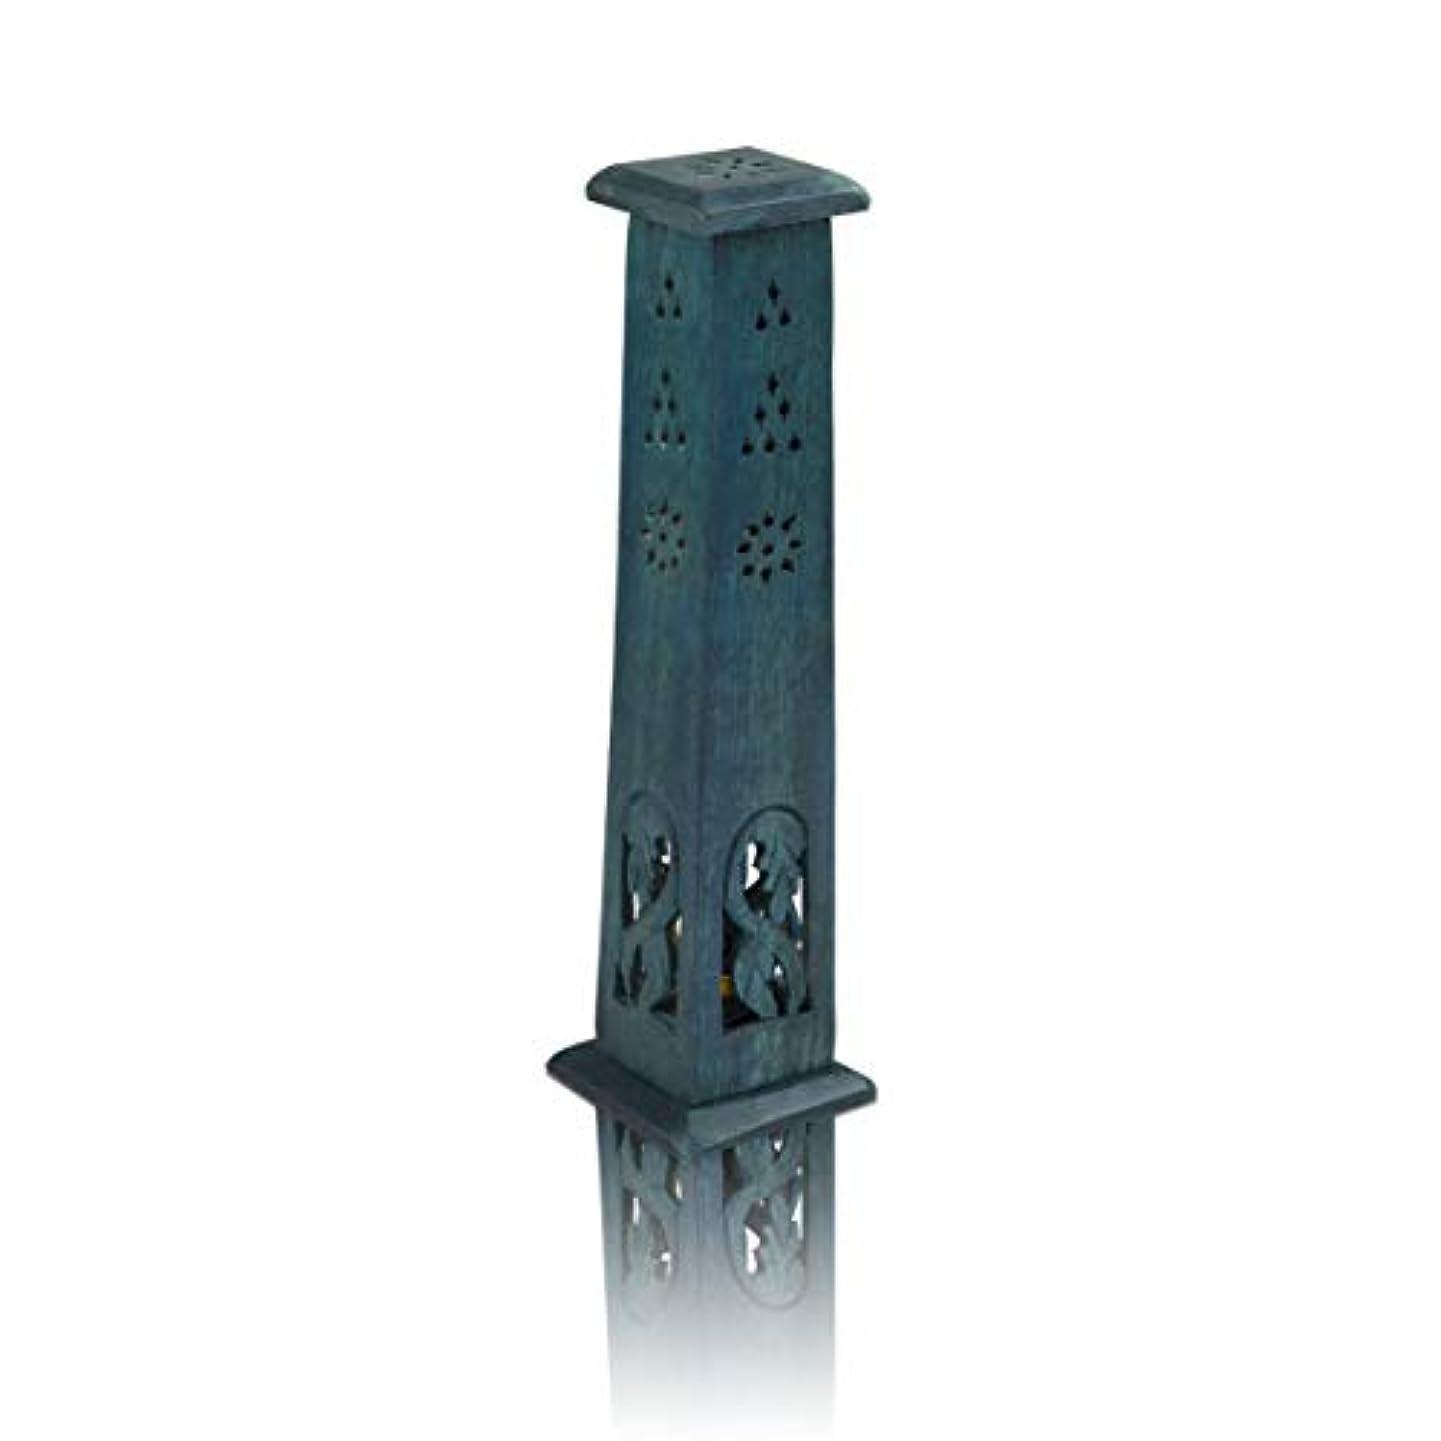 フィードバックペナルティアルネ木製お香スティック&コーンバーナーホルダー タワー ラージ オーガニック エコフレンドリー アッシュキャッチャー アガーバティホルダー 素朴なスタイル 手彫り 瞑想 ヨガ アロマセラピー ホームフレグランス製品